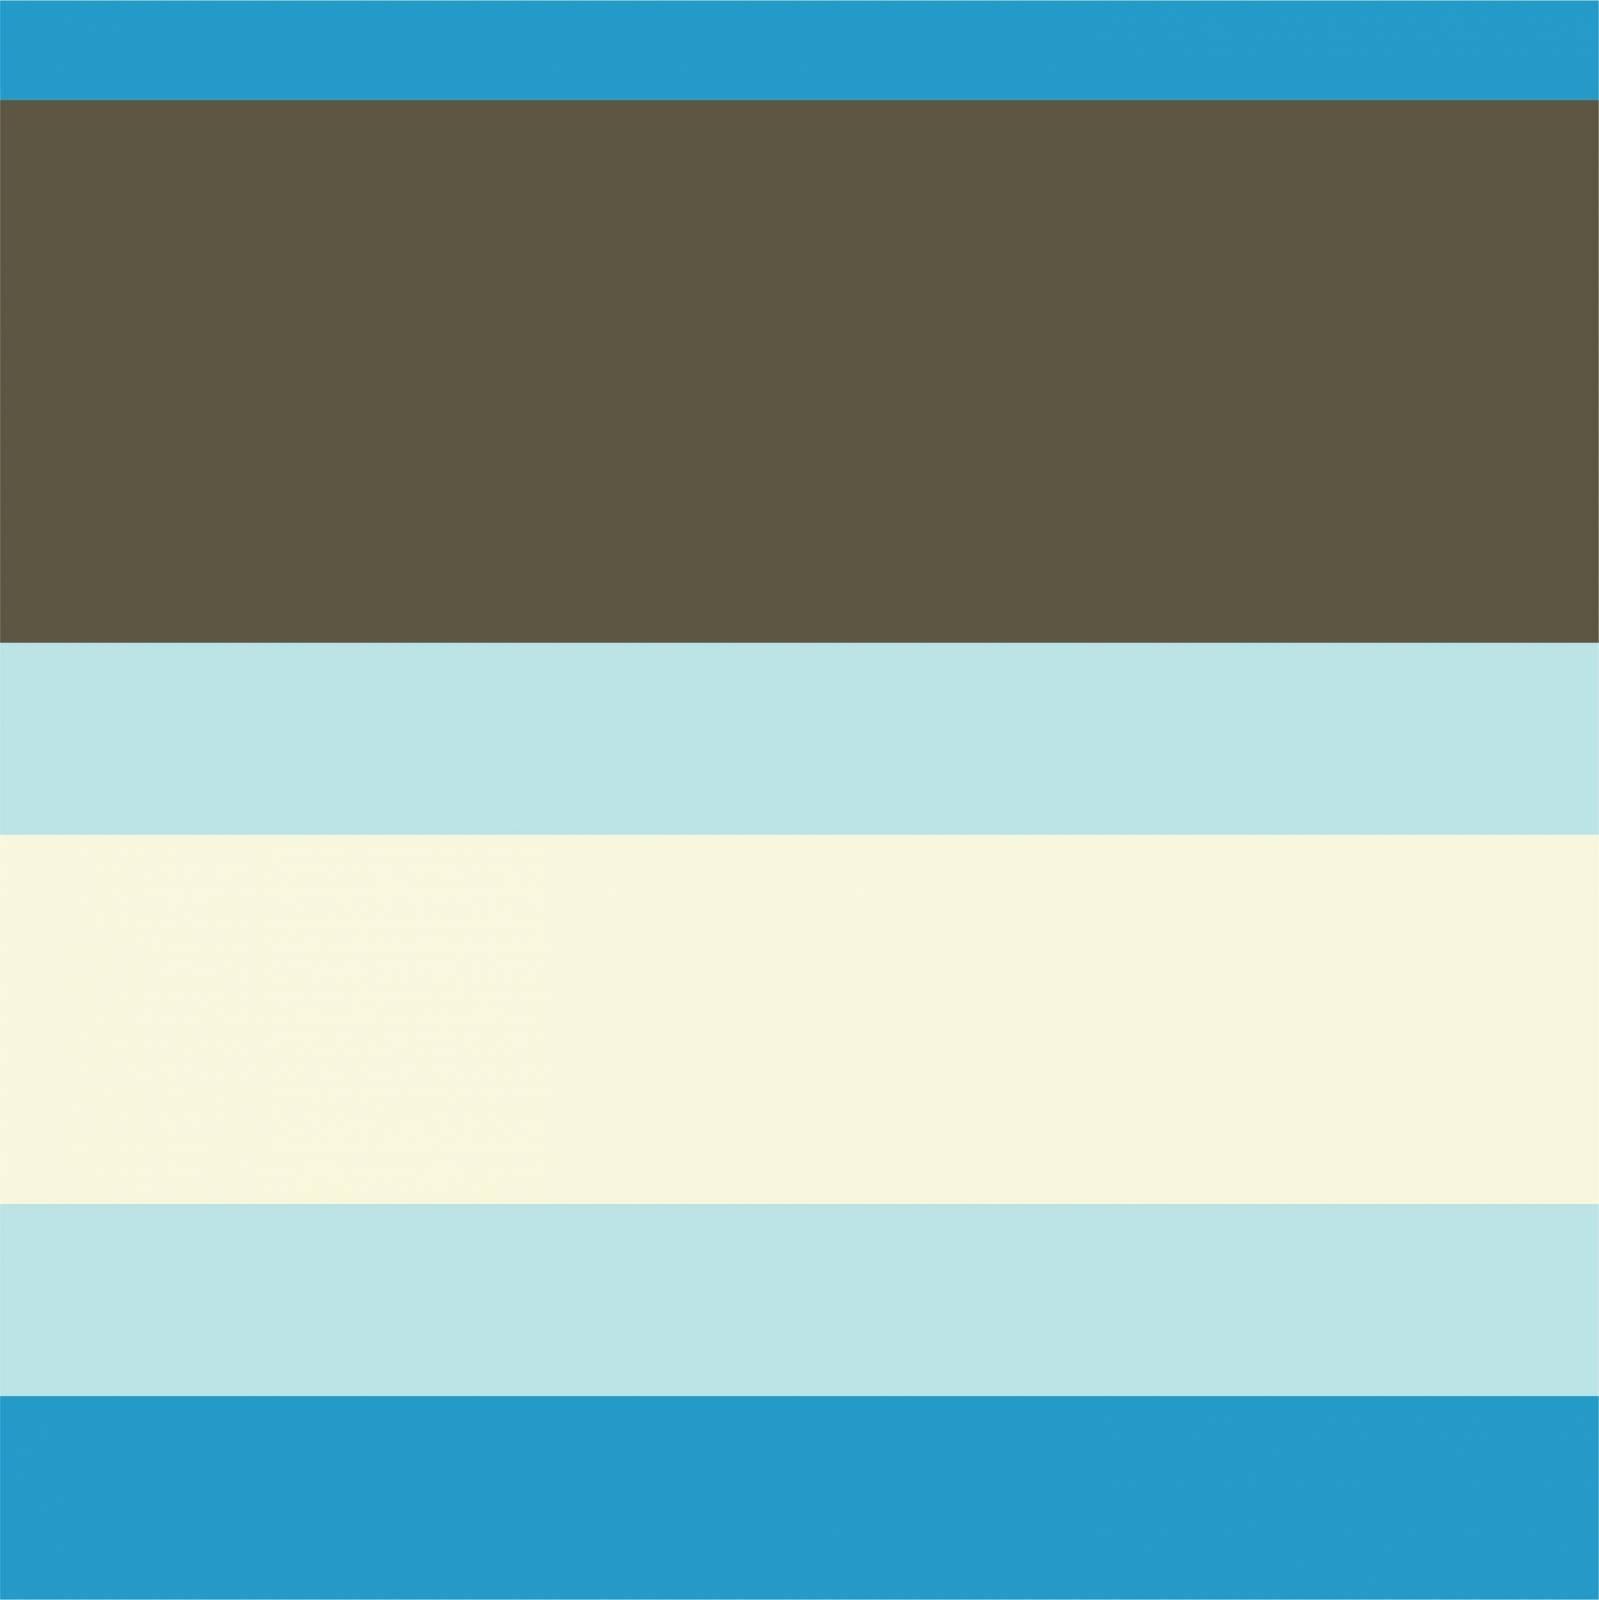 Papel de Parede Listrado Azul e Branco imagem 1